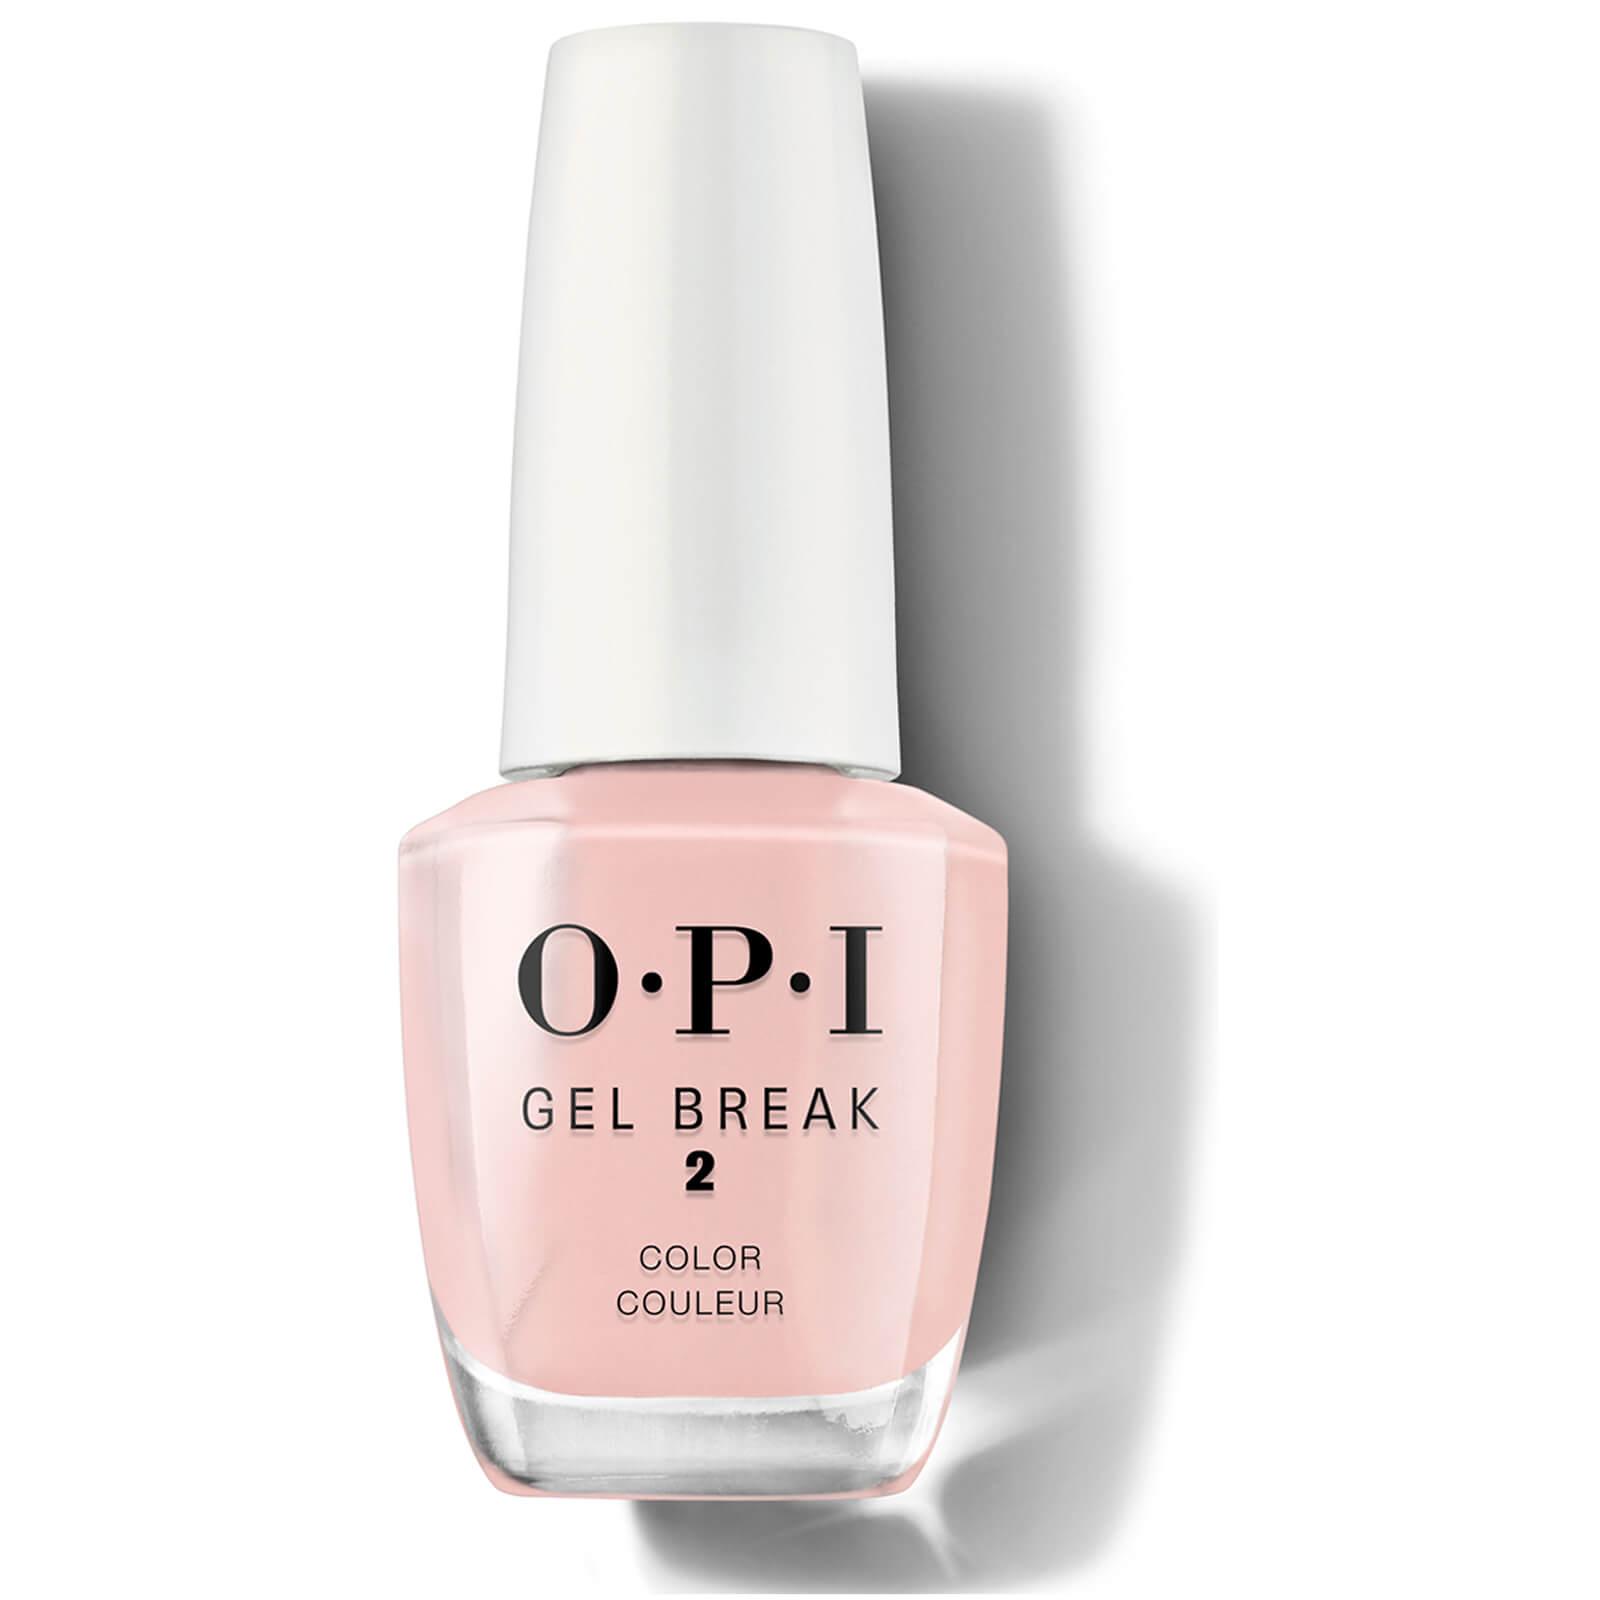 OPI Gel Break Sheer Colour Properly Pink 15ml